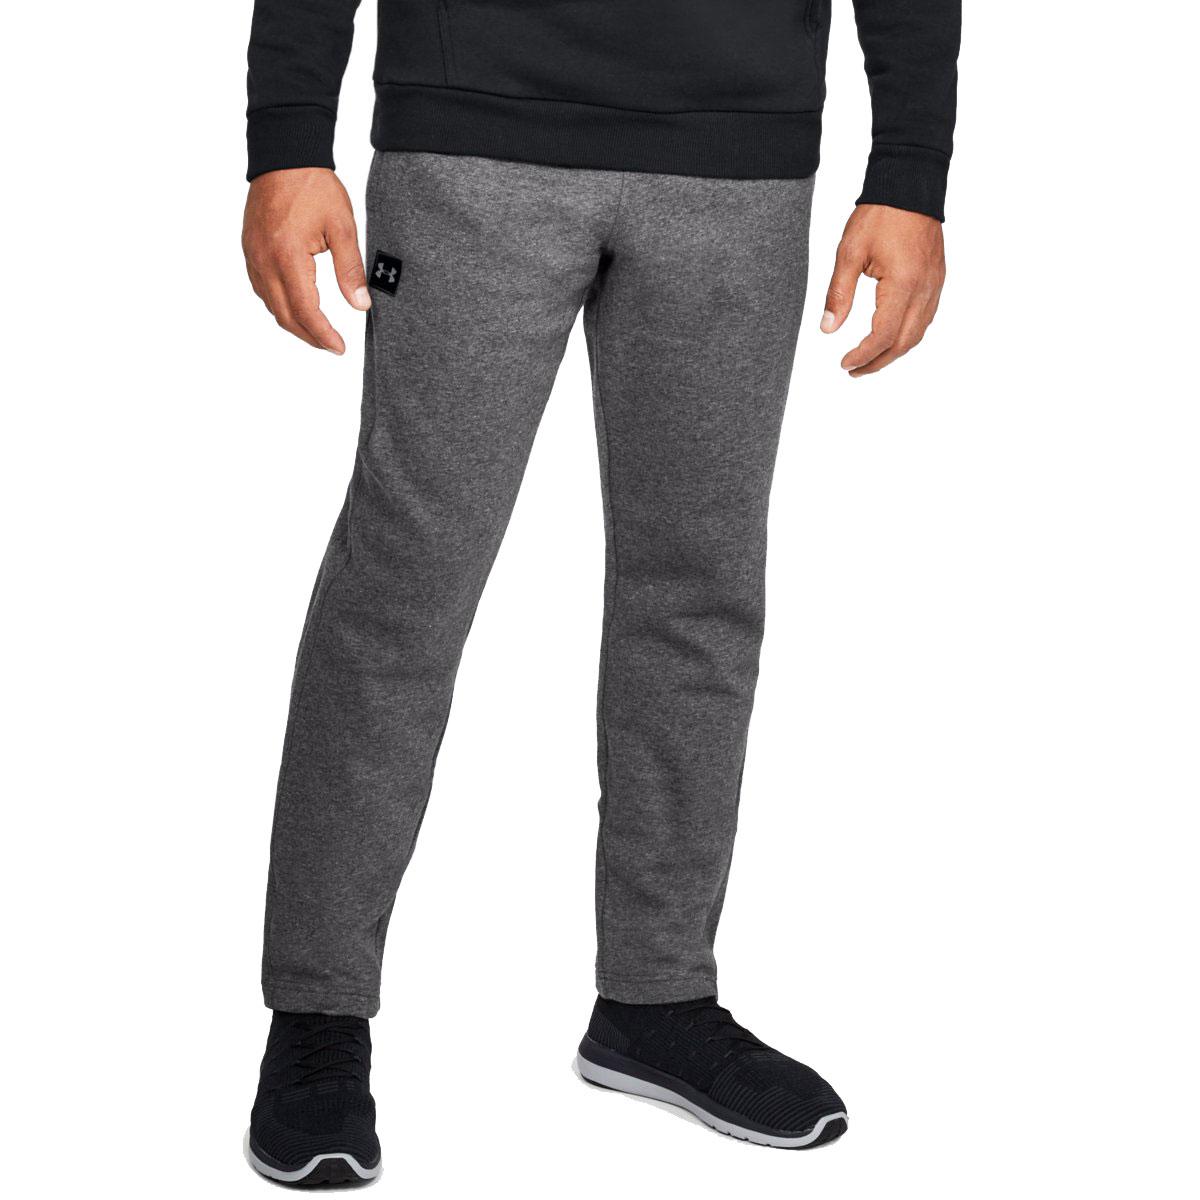 Under Armour Men's Ua Rival Fleece Pants - Black, M